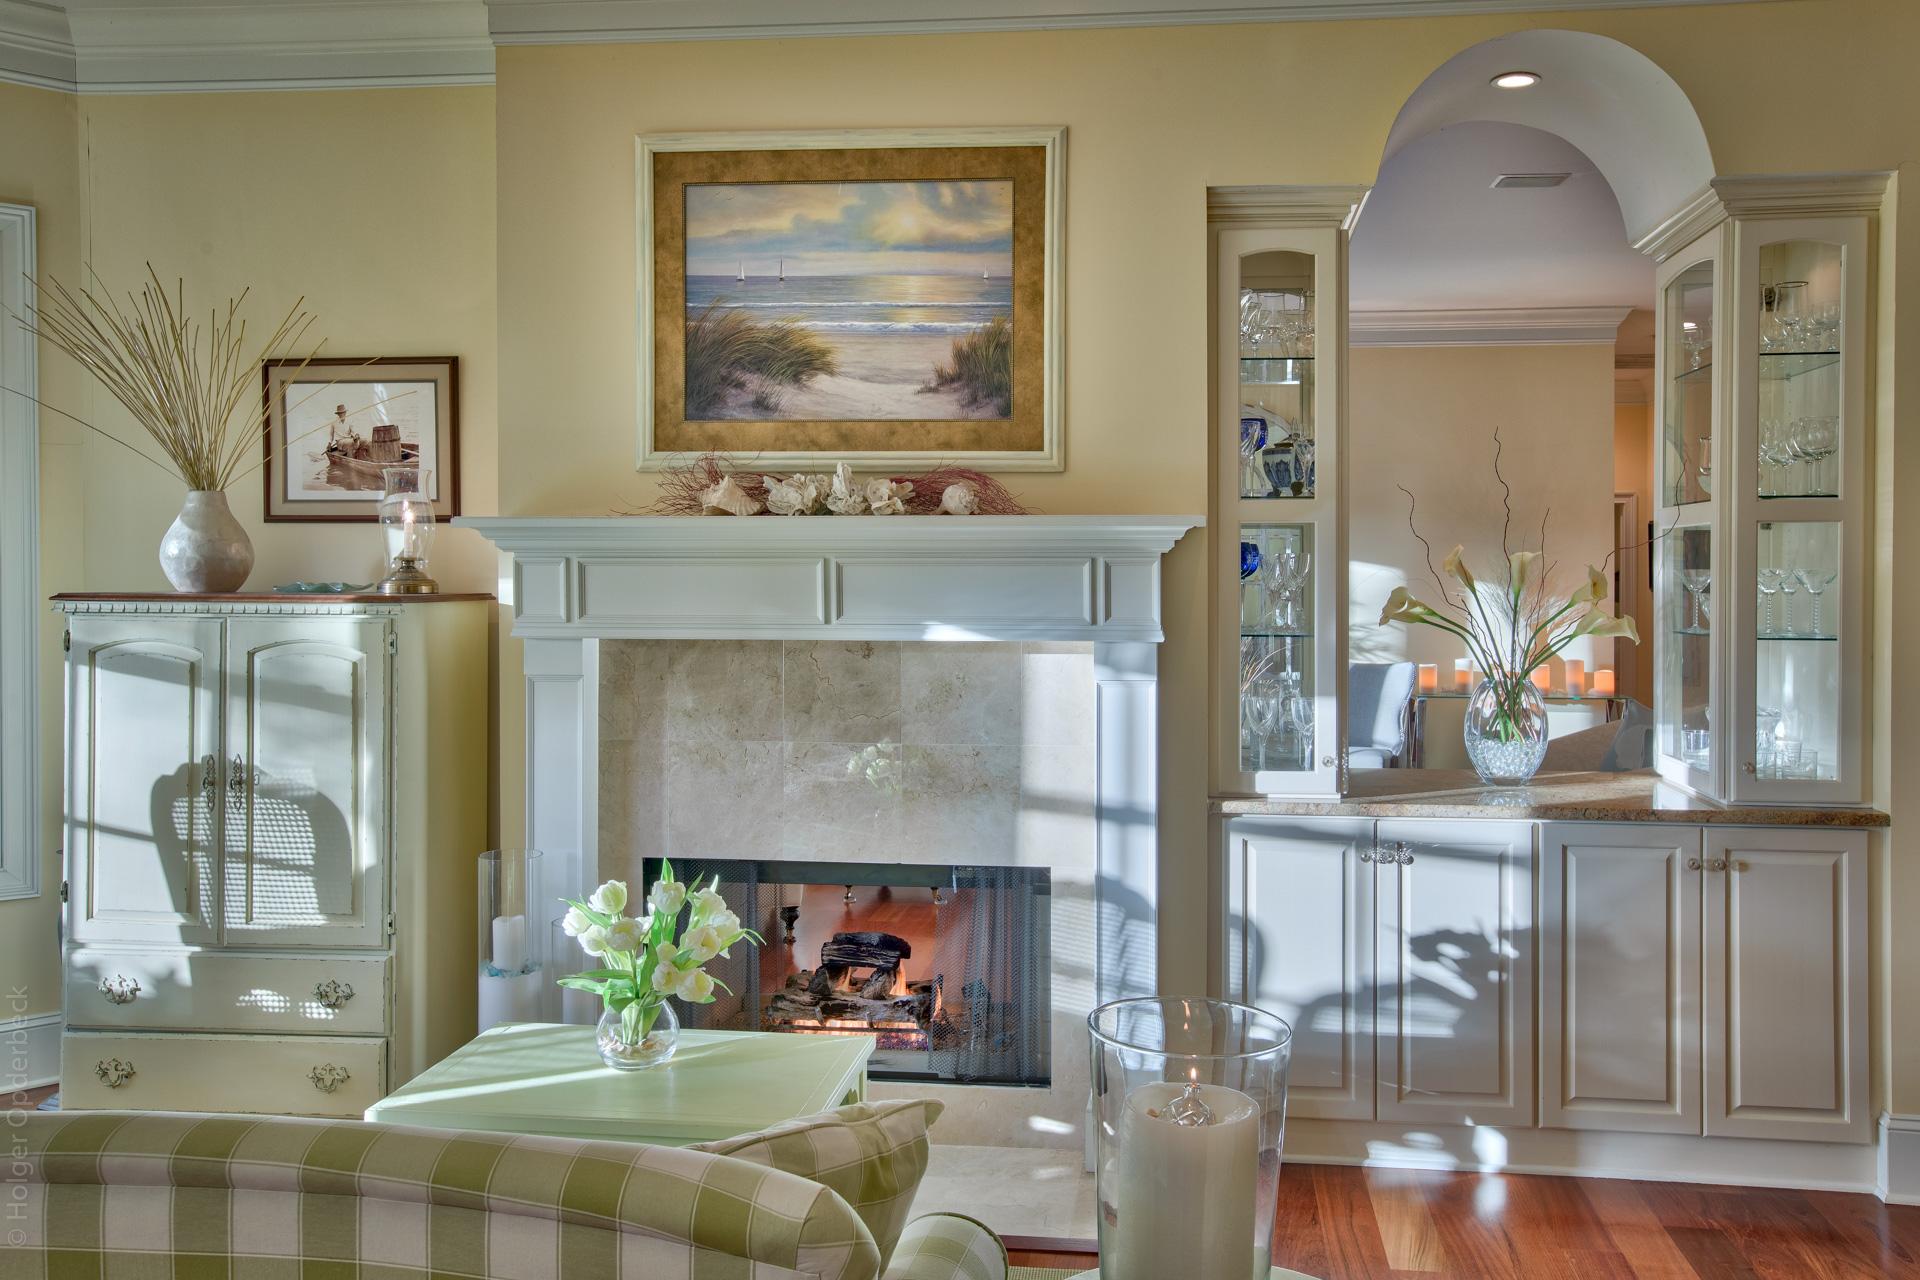 kitchen-fireplace-wall.jpg